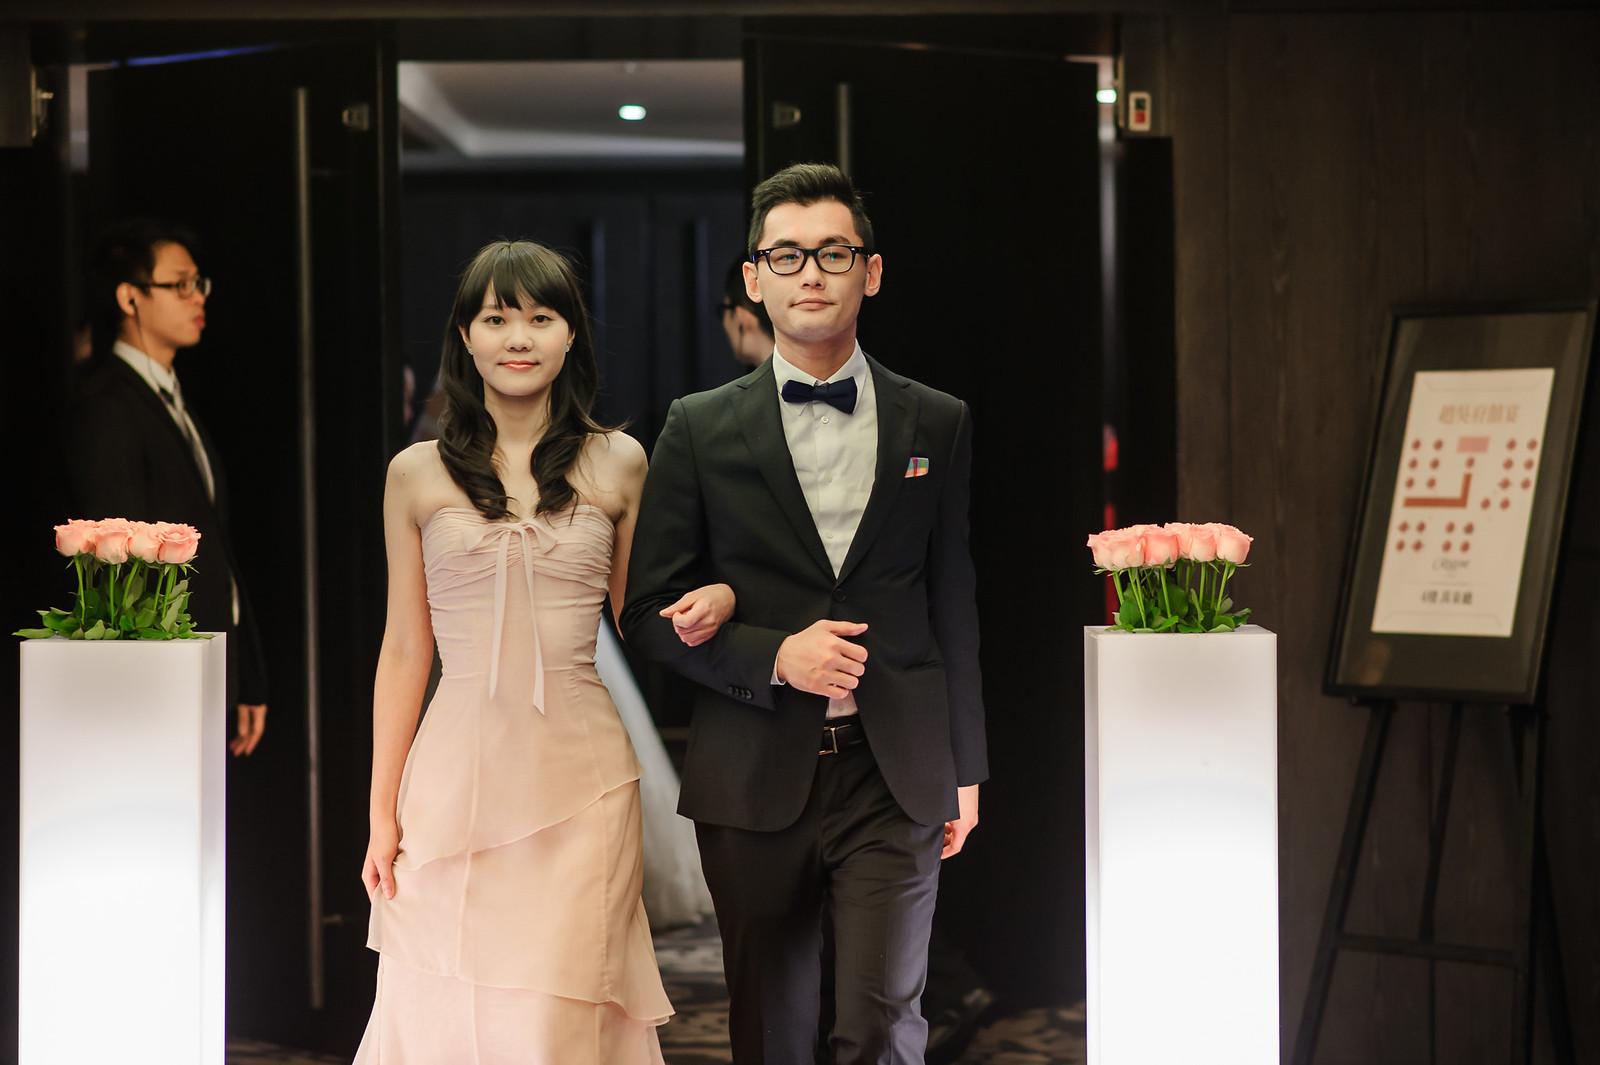 台北婚攝, 婚禮攝影, 婚攝, 婚攝守恆, 婚攝推薦, 晶華酒店, 晶華酒店婚宴, 晶華酒店婚攝-68